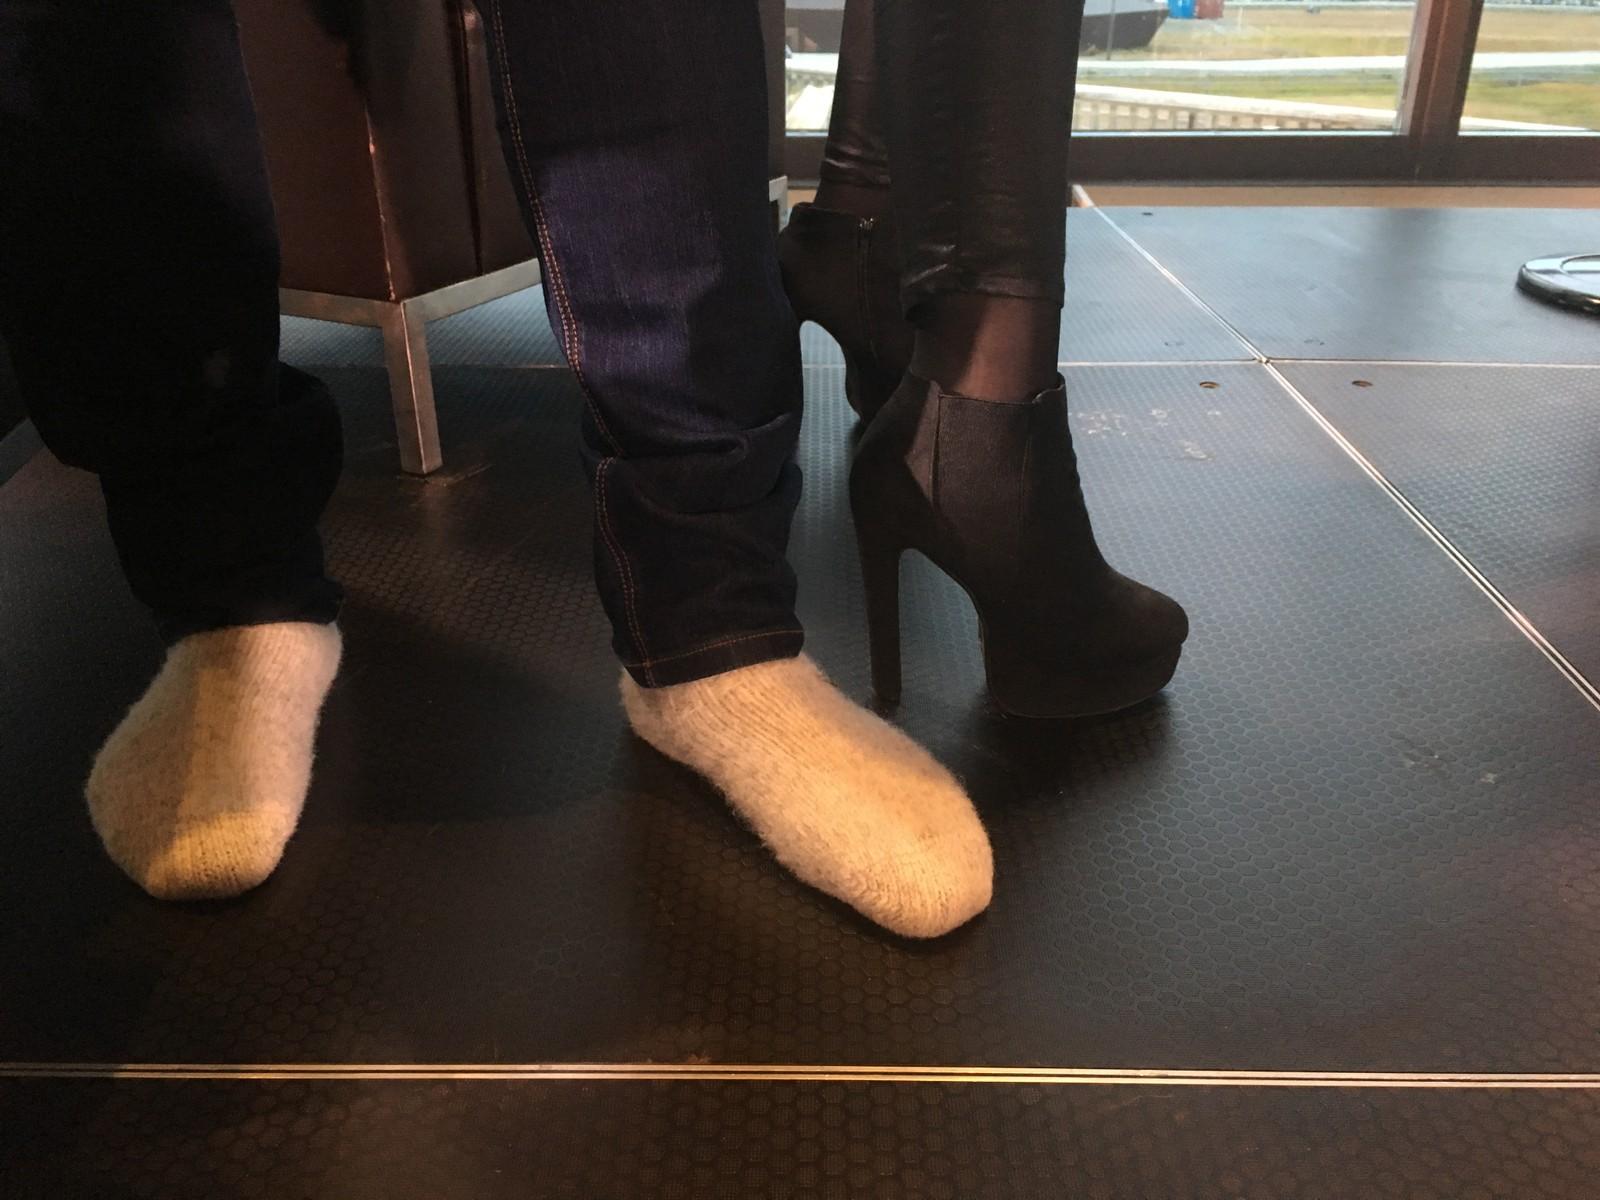 Brenner i raggsokker, SVT-programlederen i høye hæler.